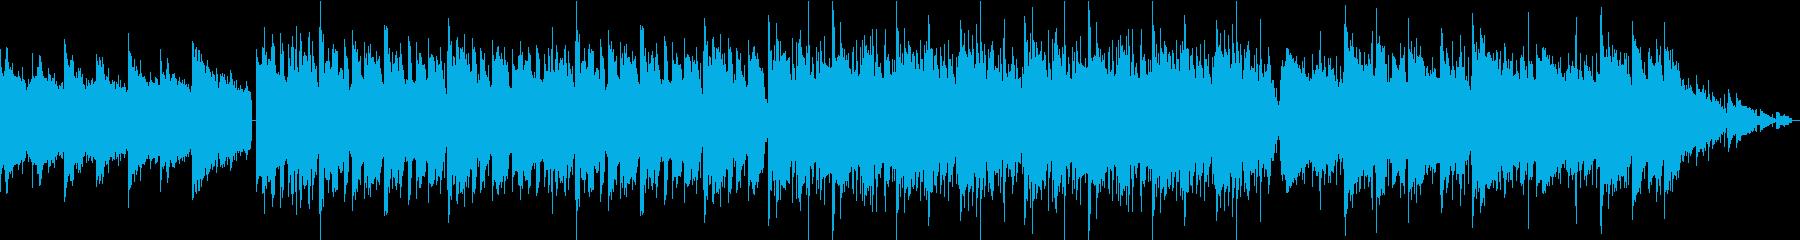 チルアウト ジャジーな ローファイビートの再生済みの波形